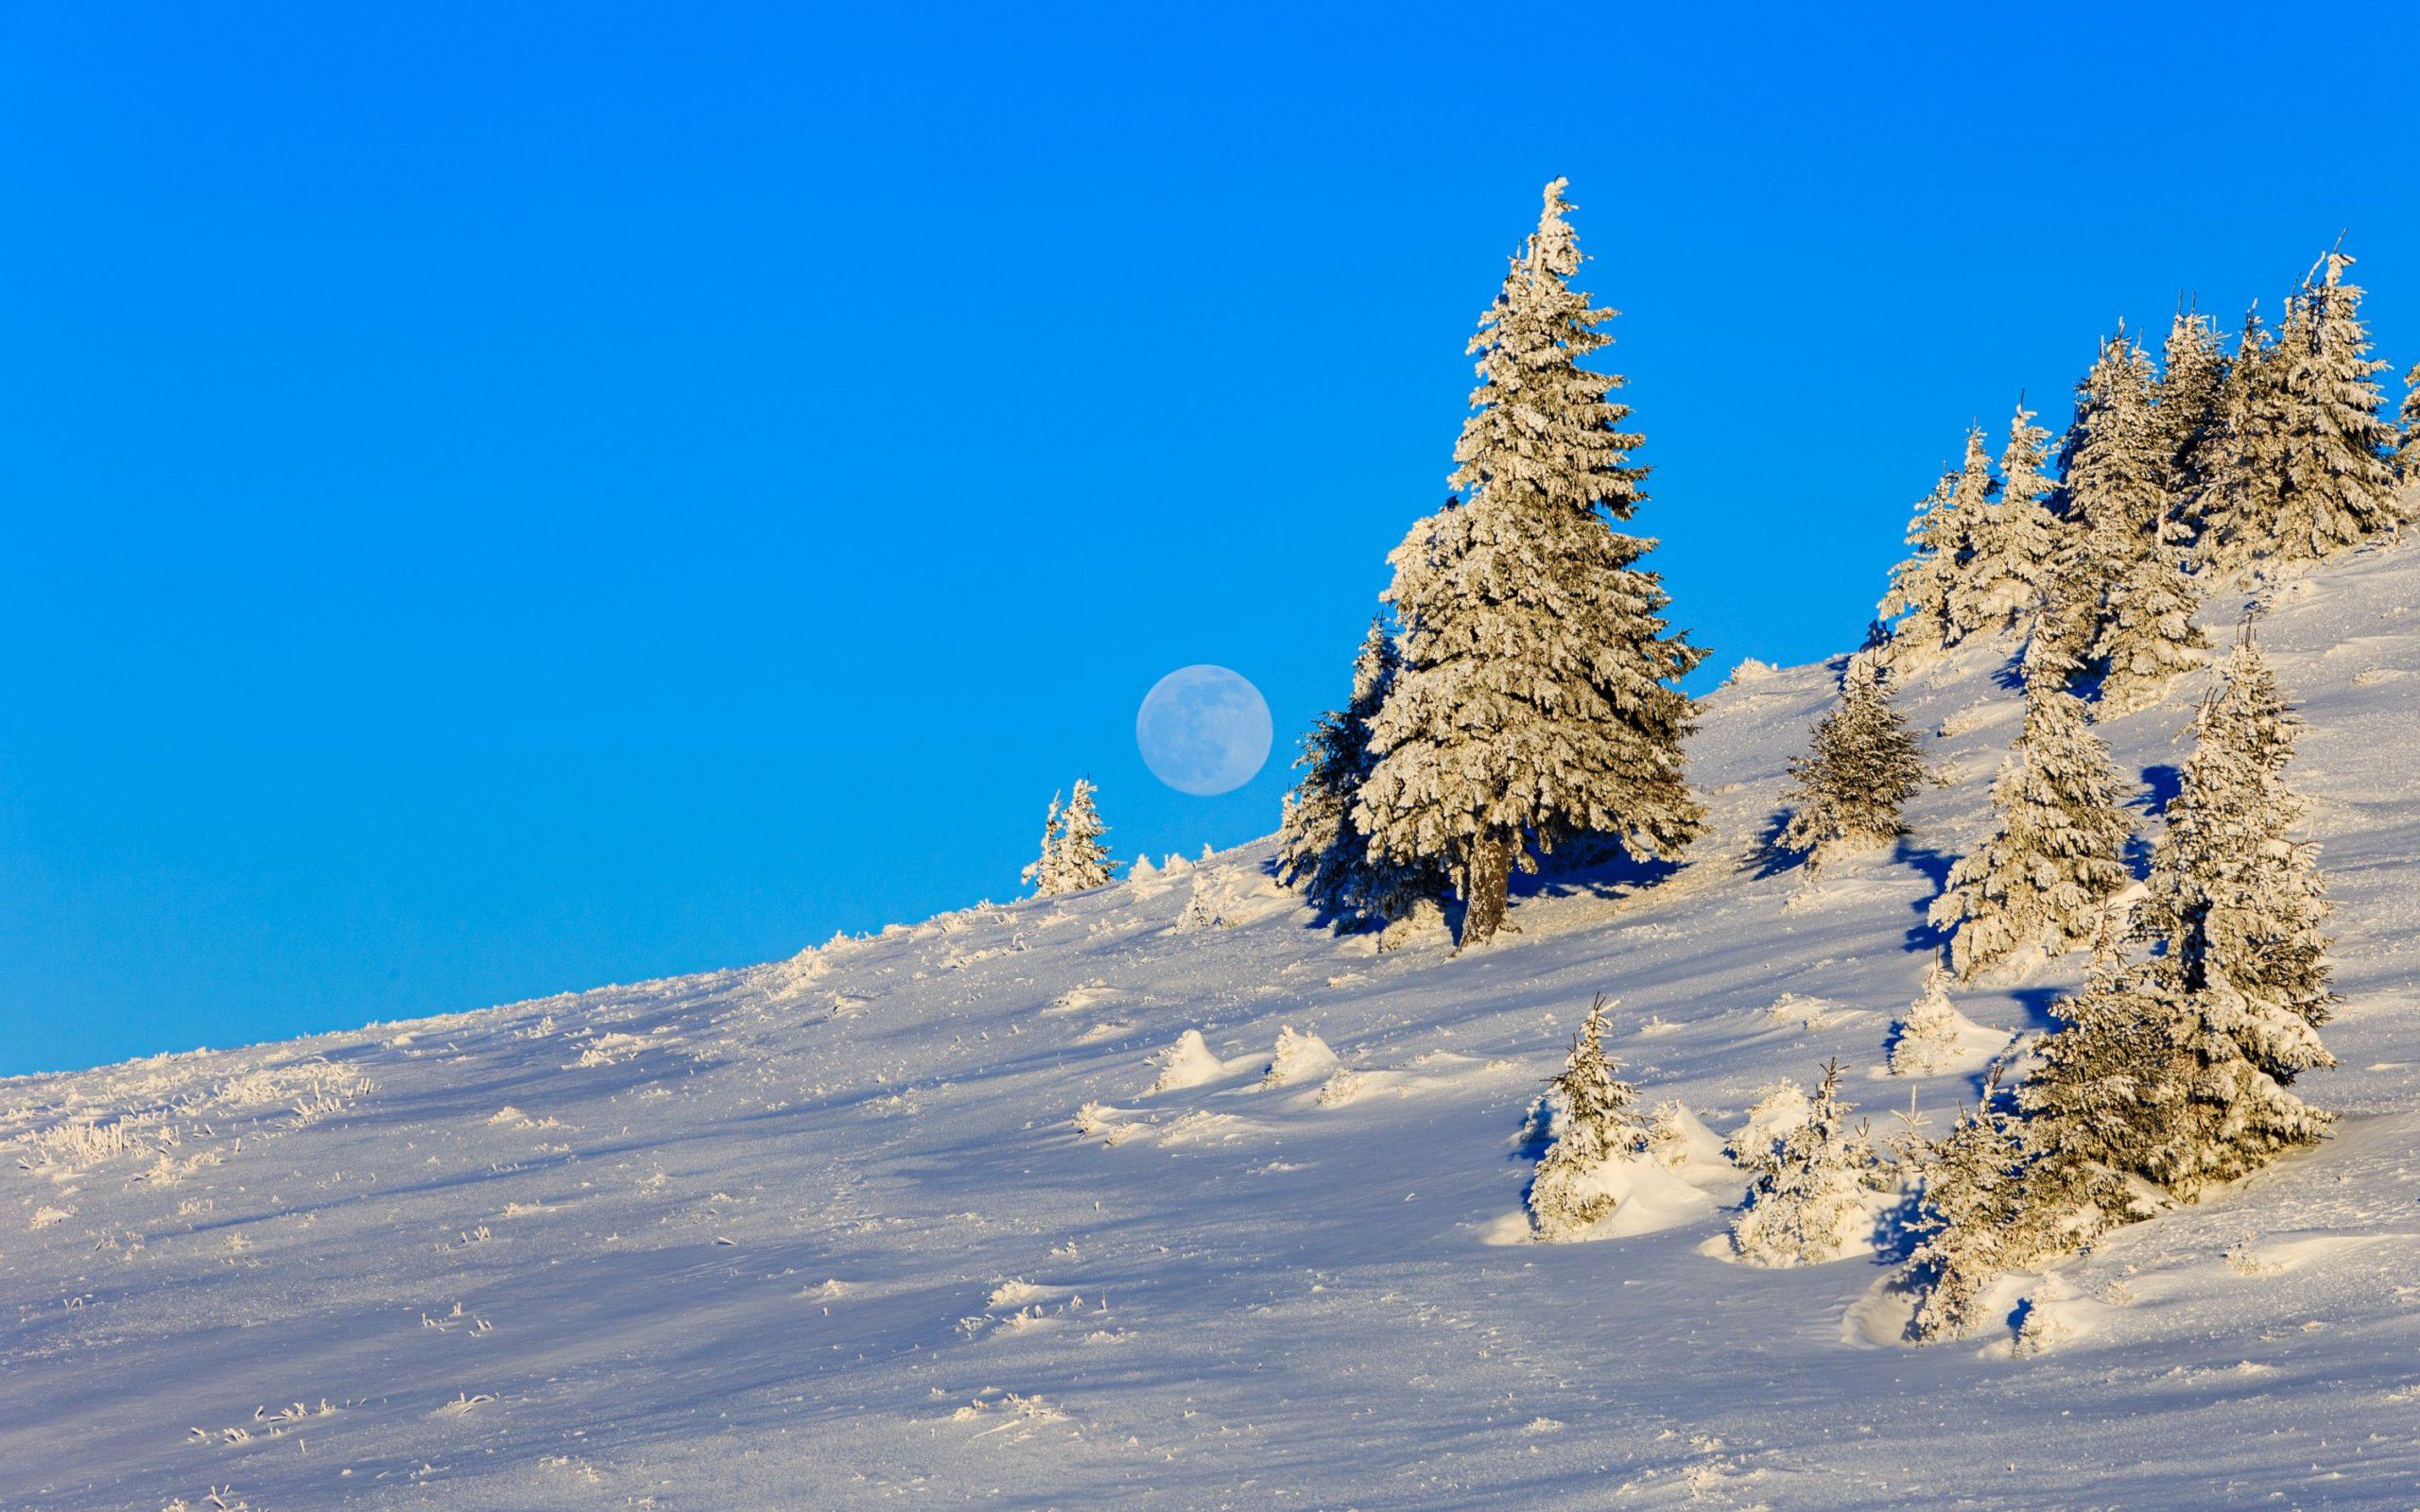 Moon amongst the trees